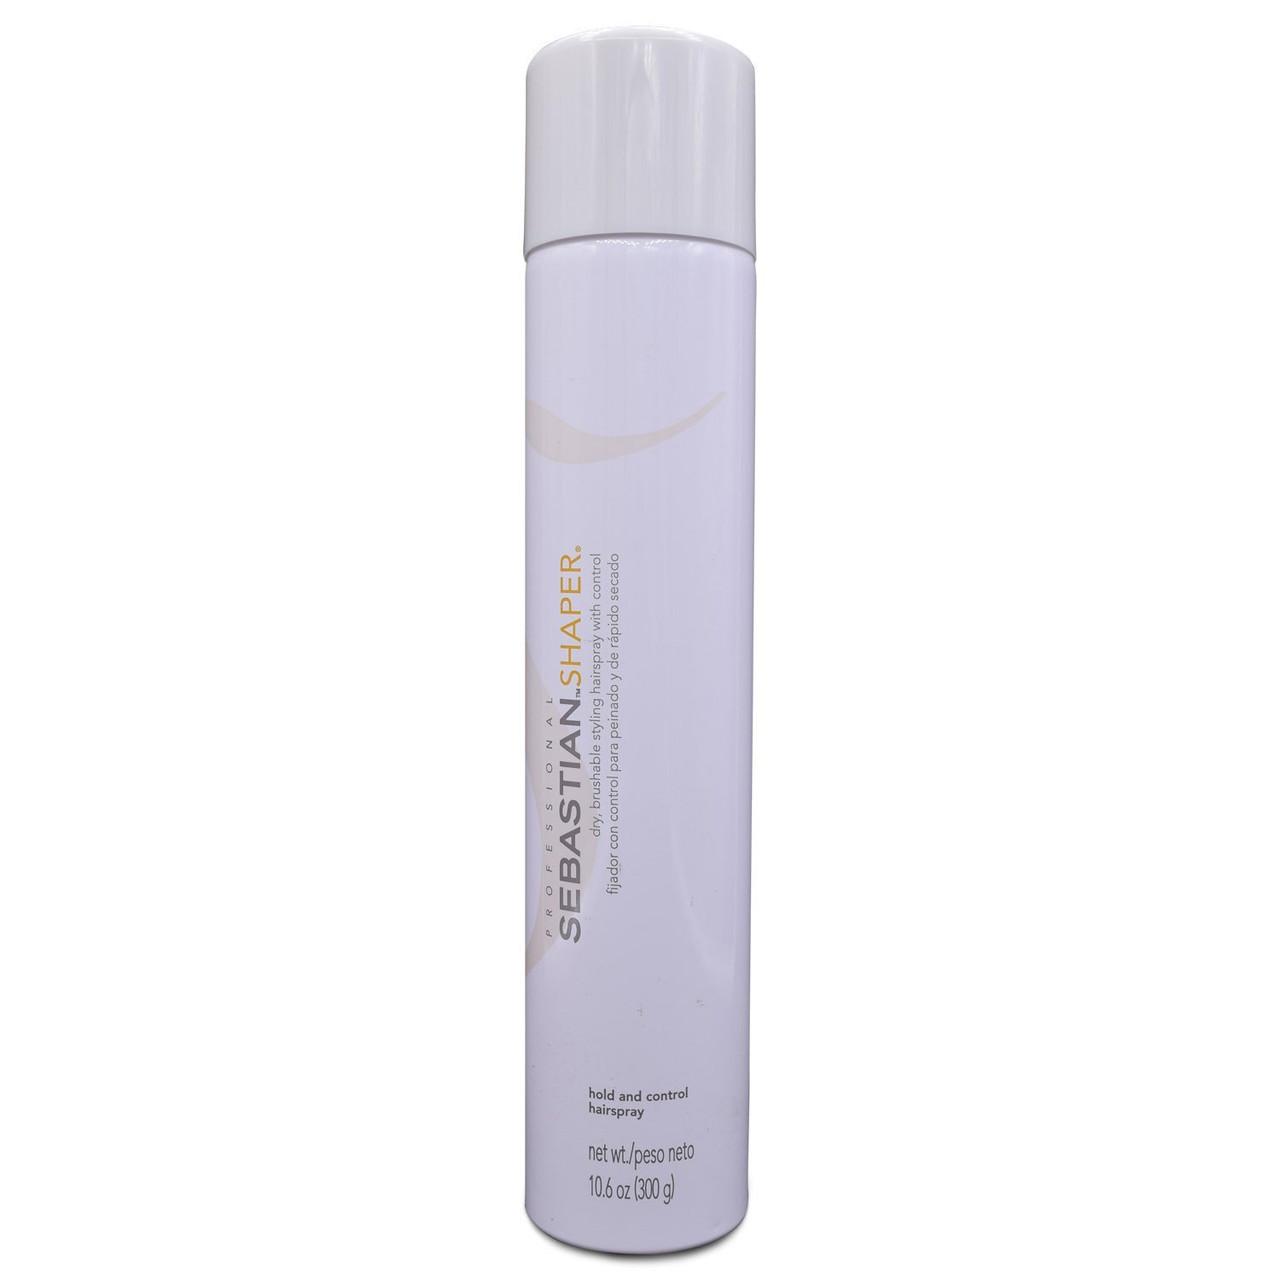 Sebastian Shaper Hair Spray 10 oz